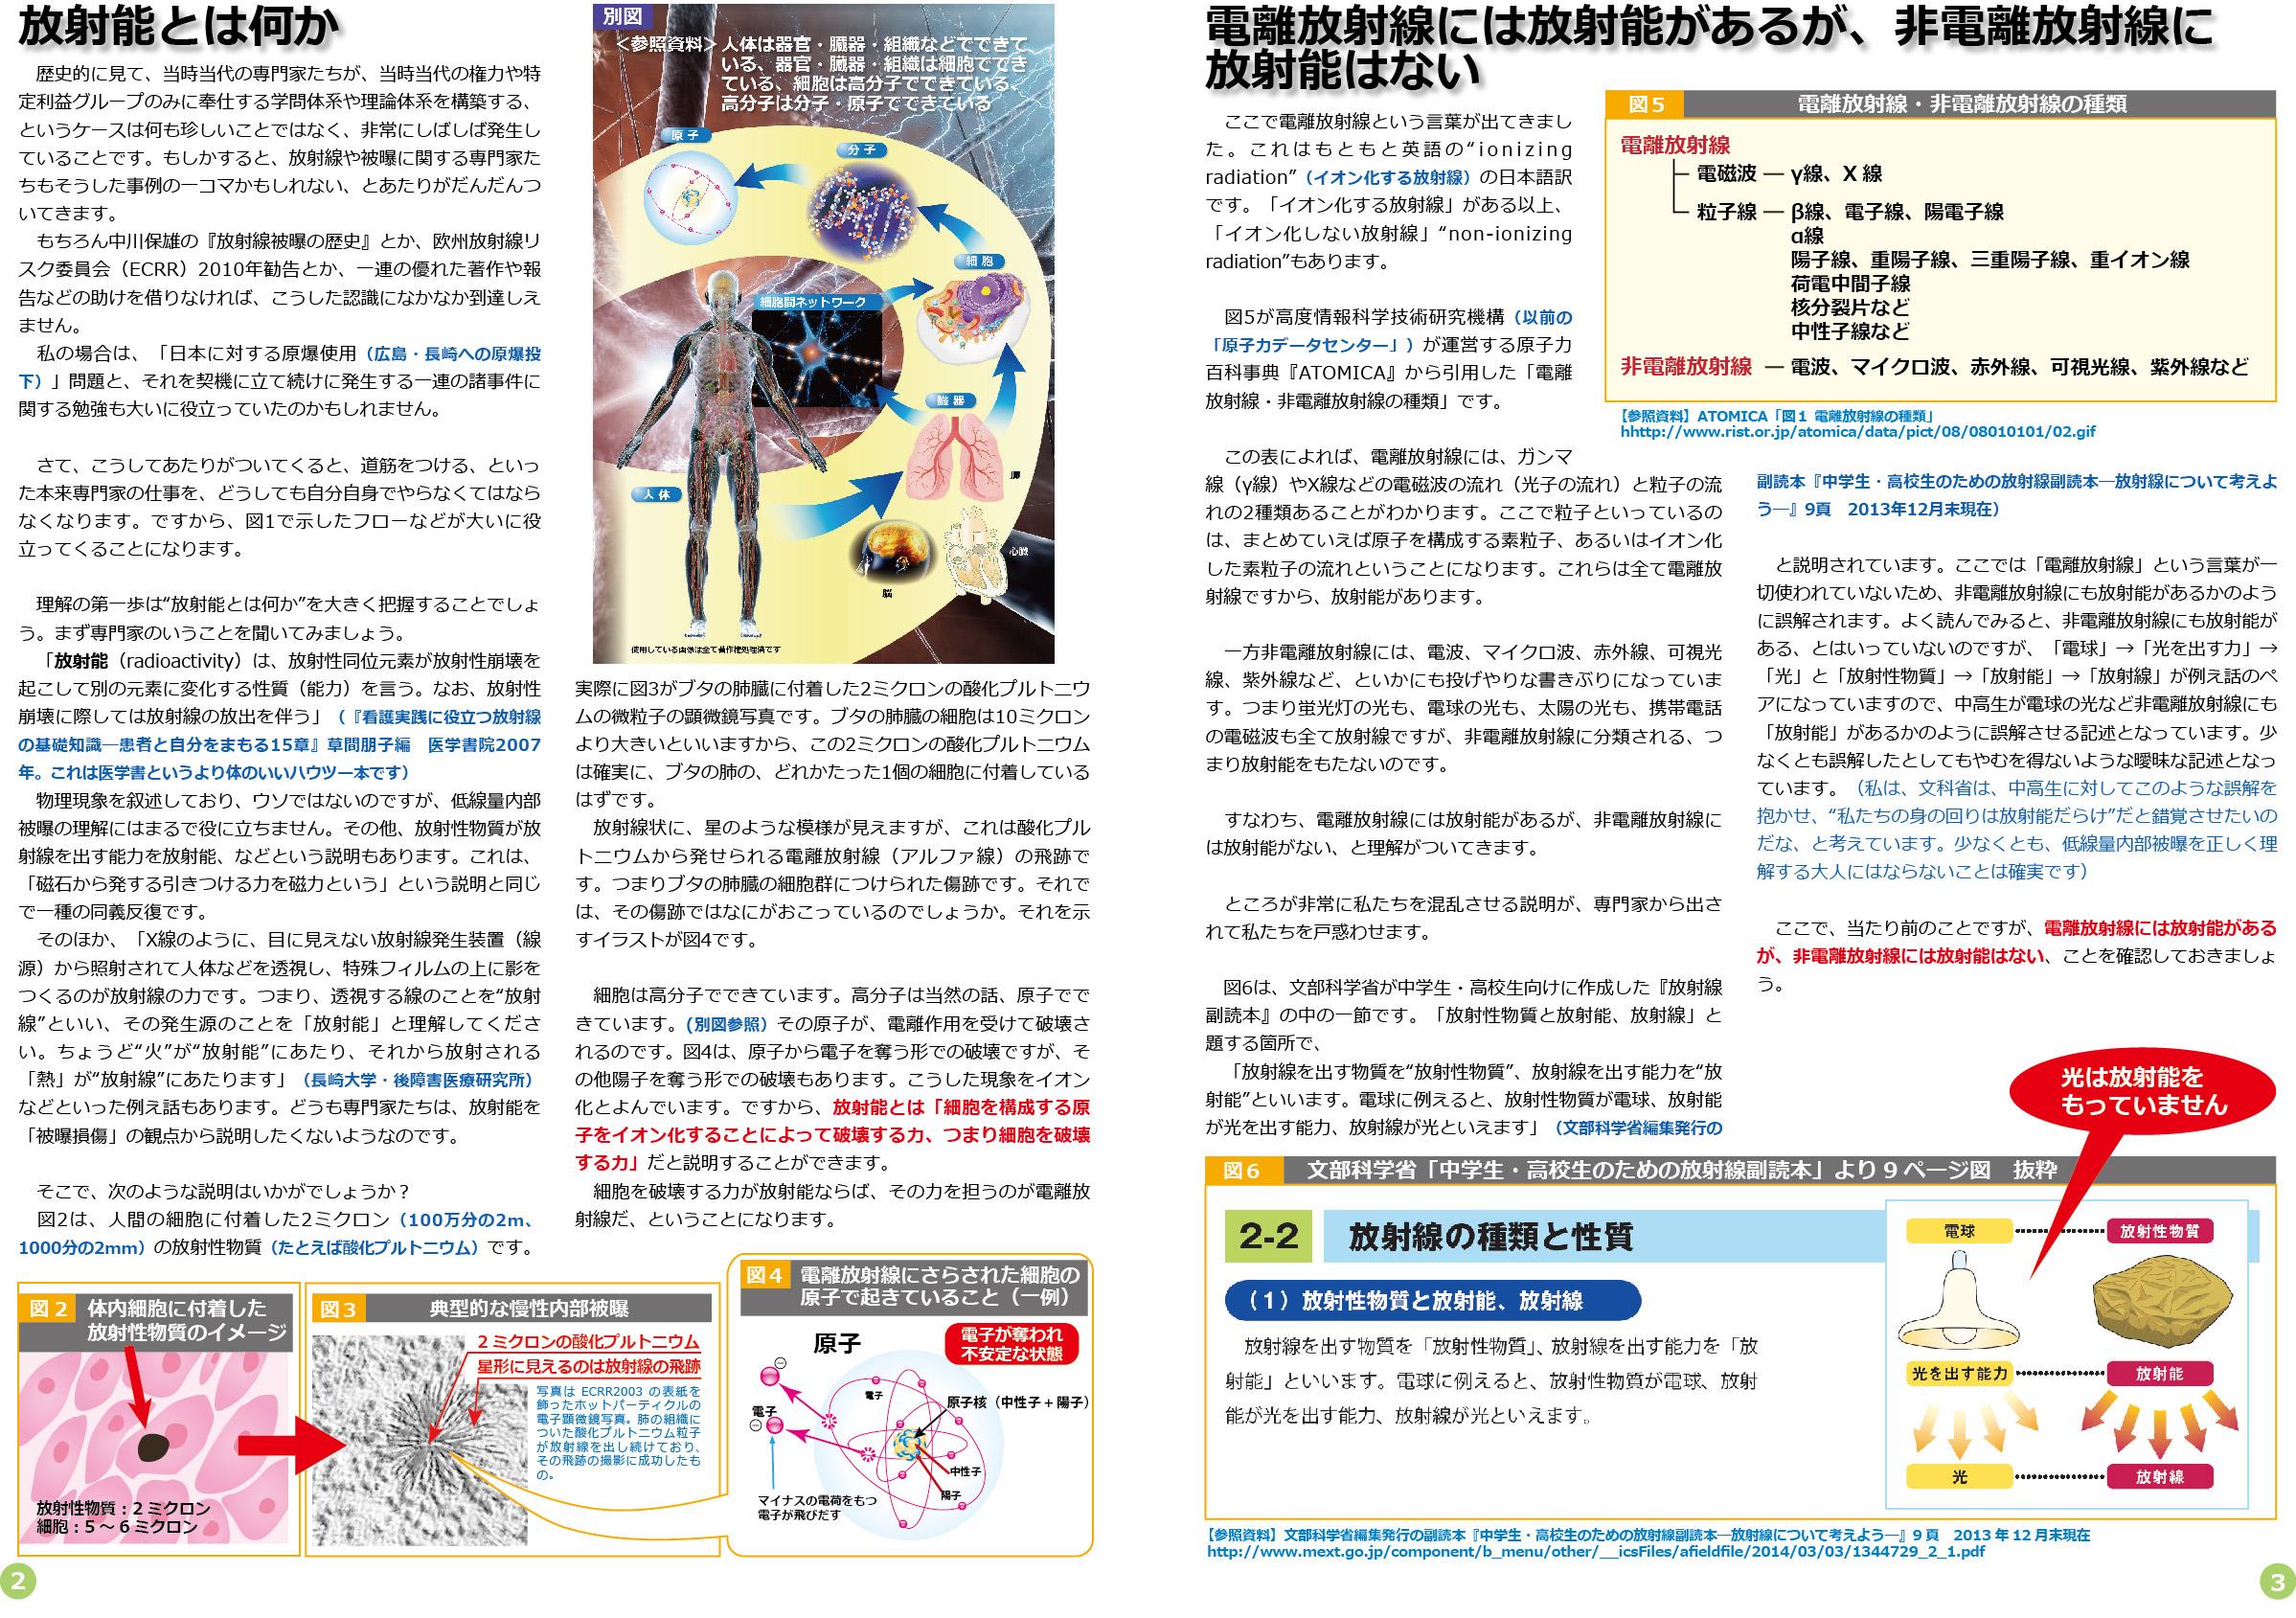 ファイル 411-2.jpg